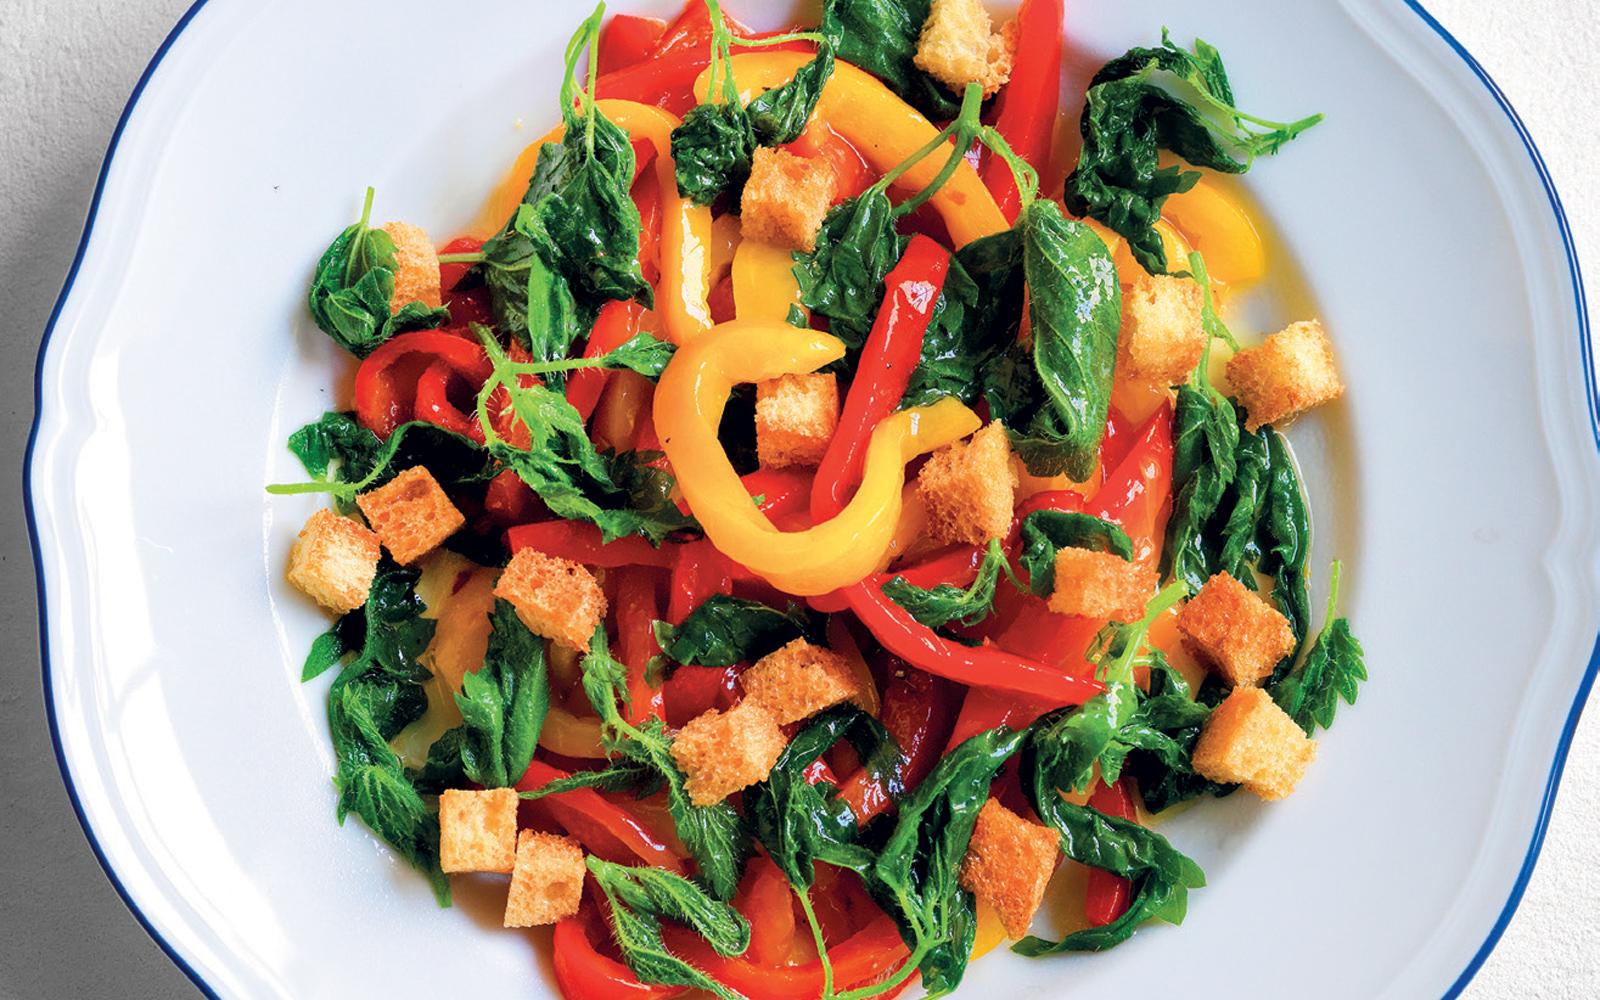 ortiche-in-insalata-con-i-peperoni